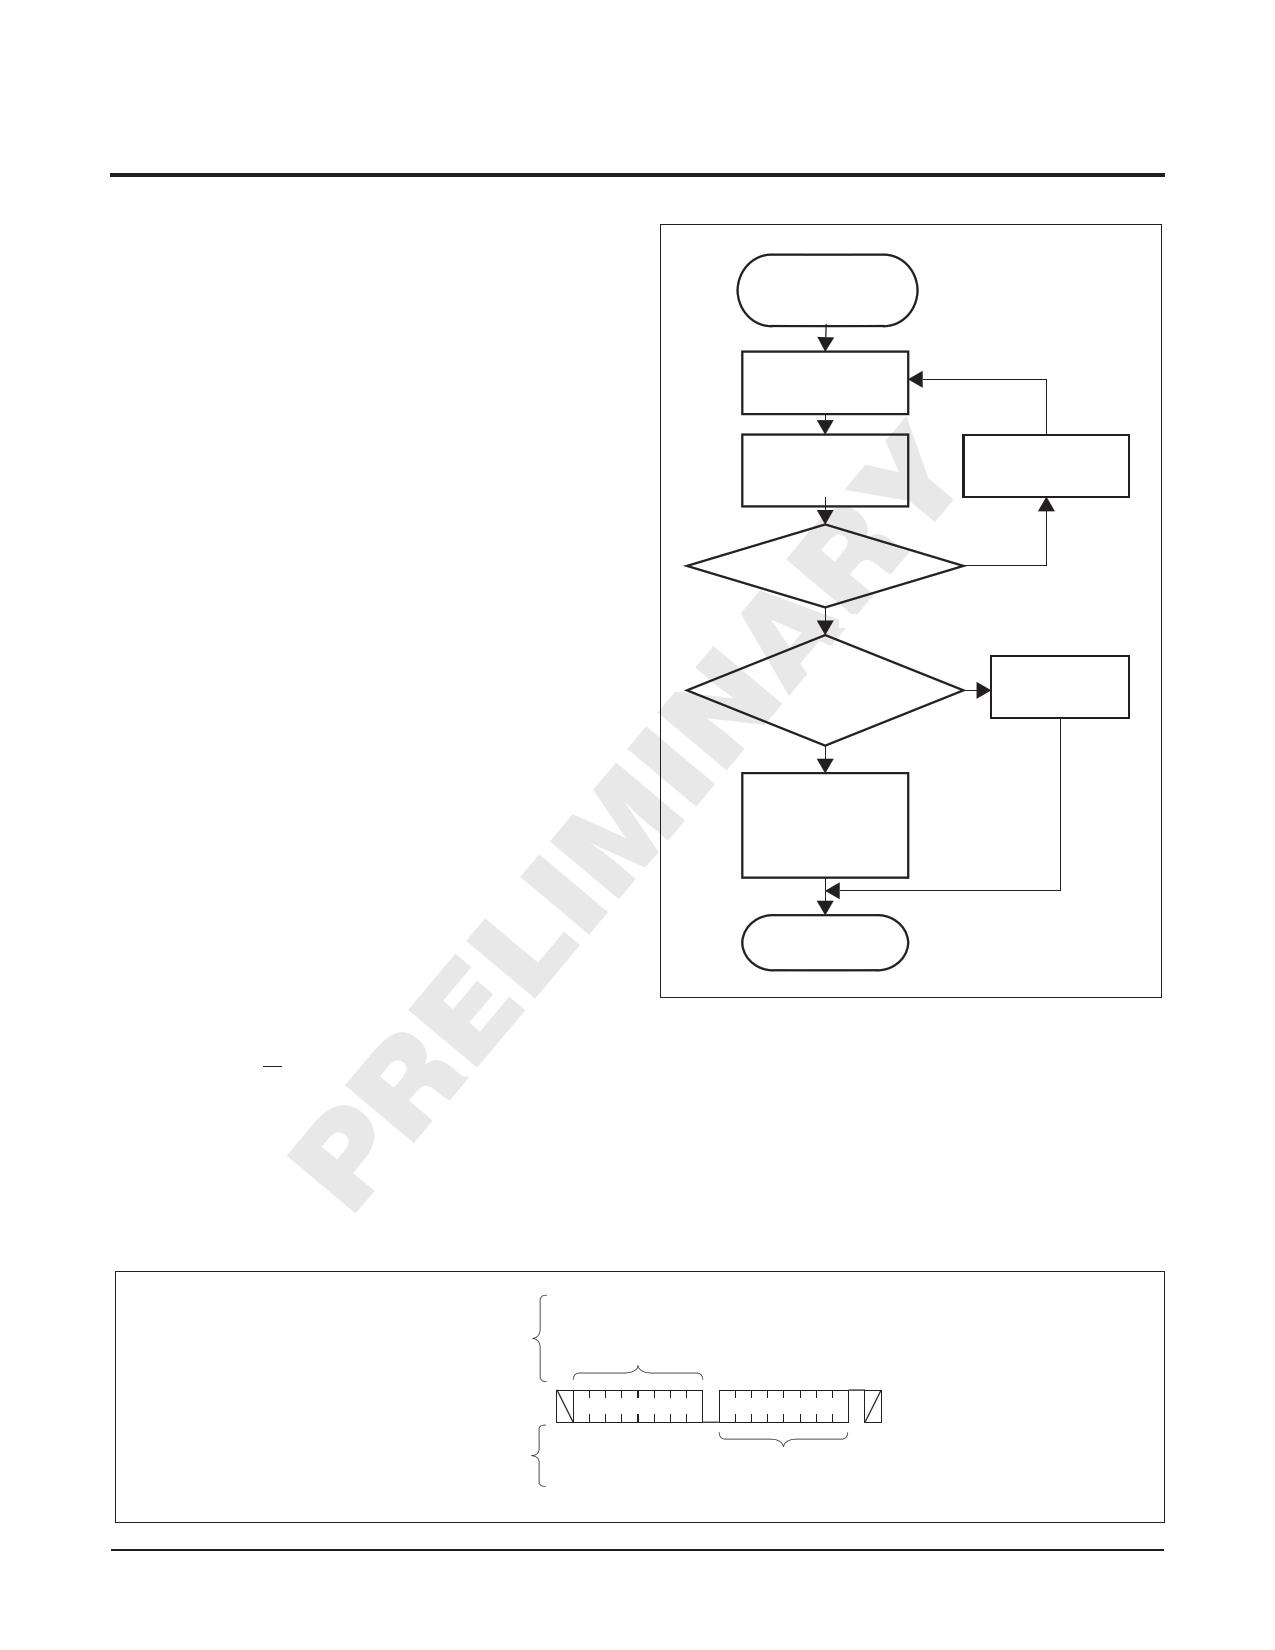 X1205 arduino